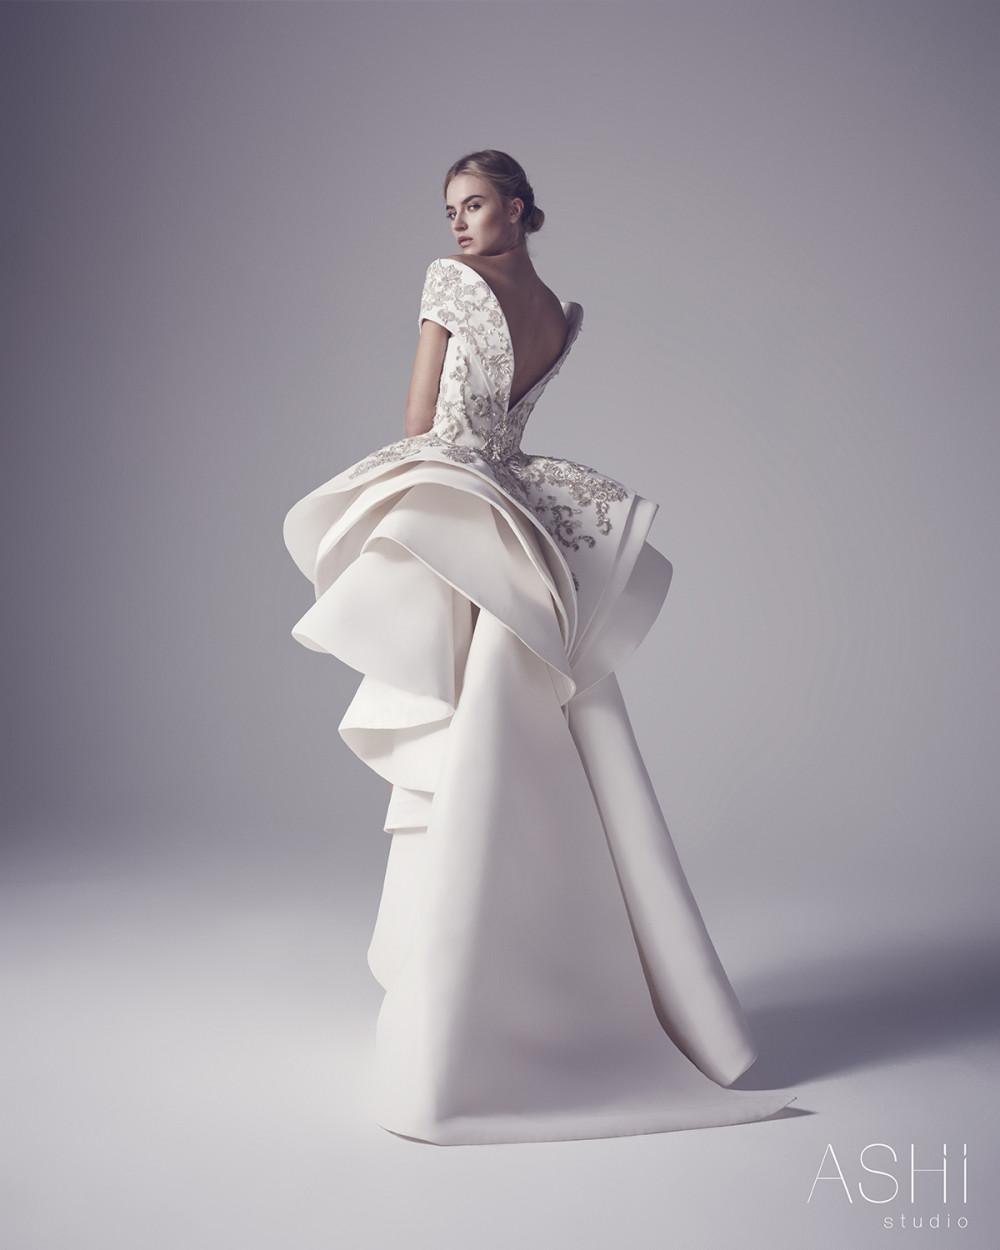 Bn Bridal Ashi Studio Spring Summer Couture Collection